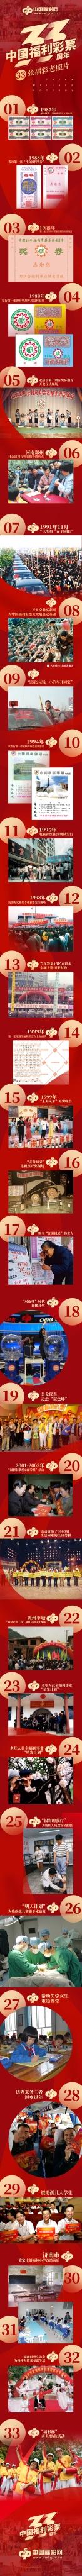 中国福利彩票33周年 33张福彩老照片